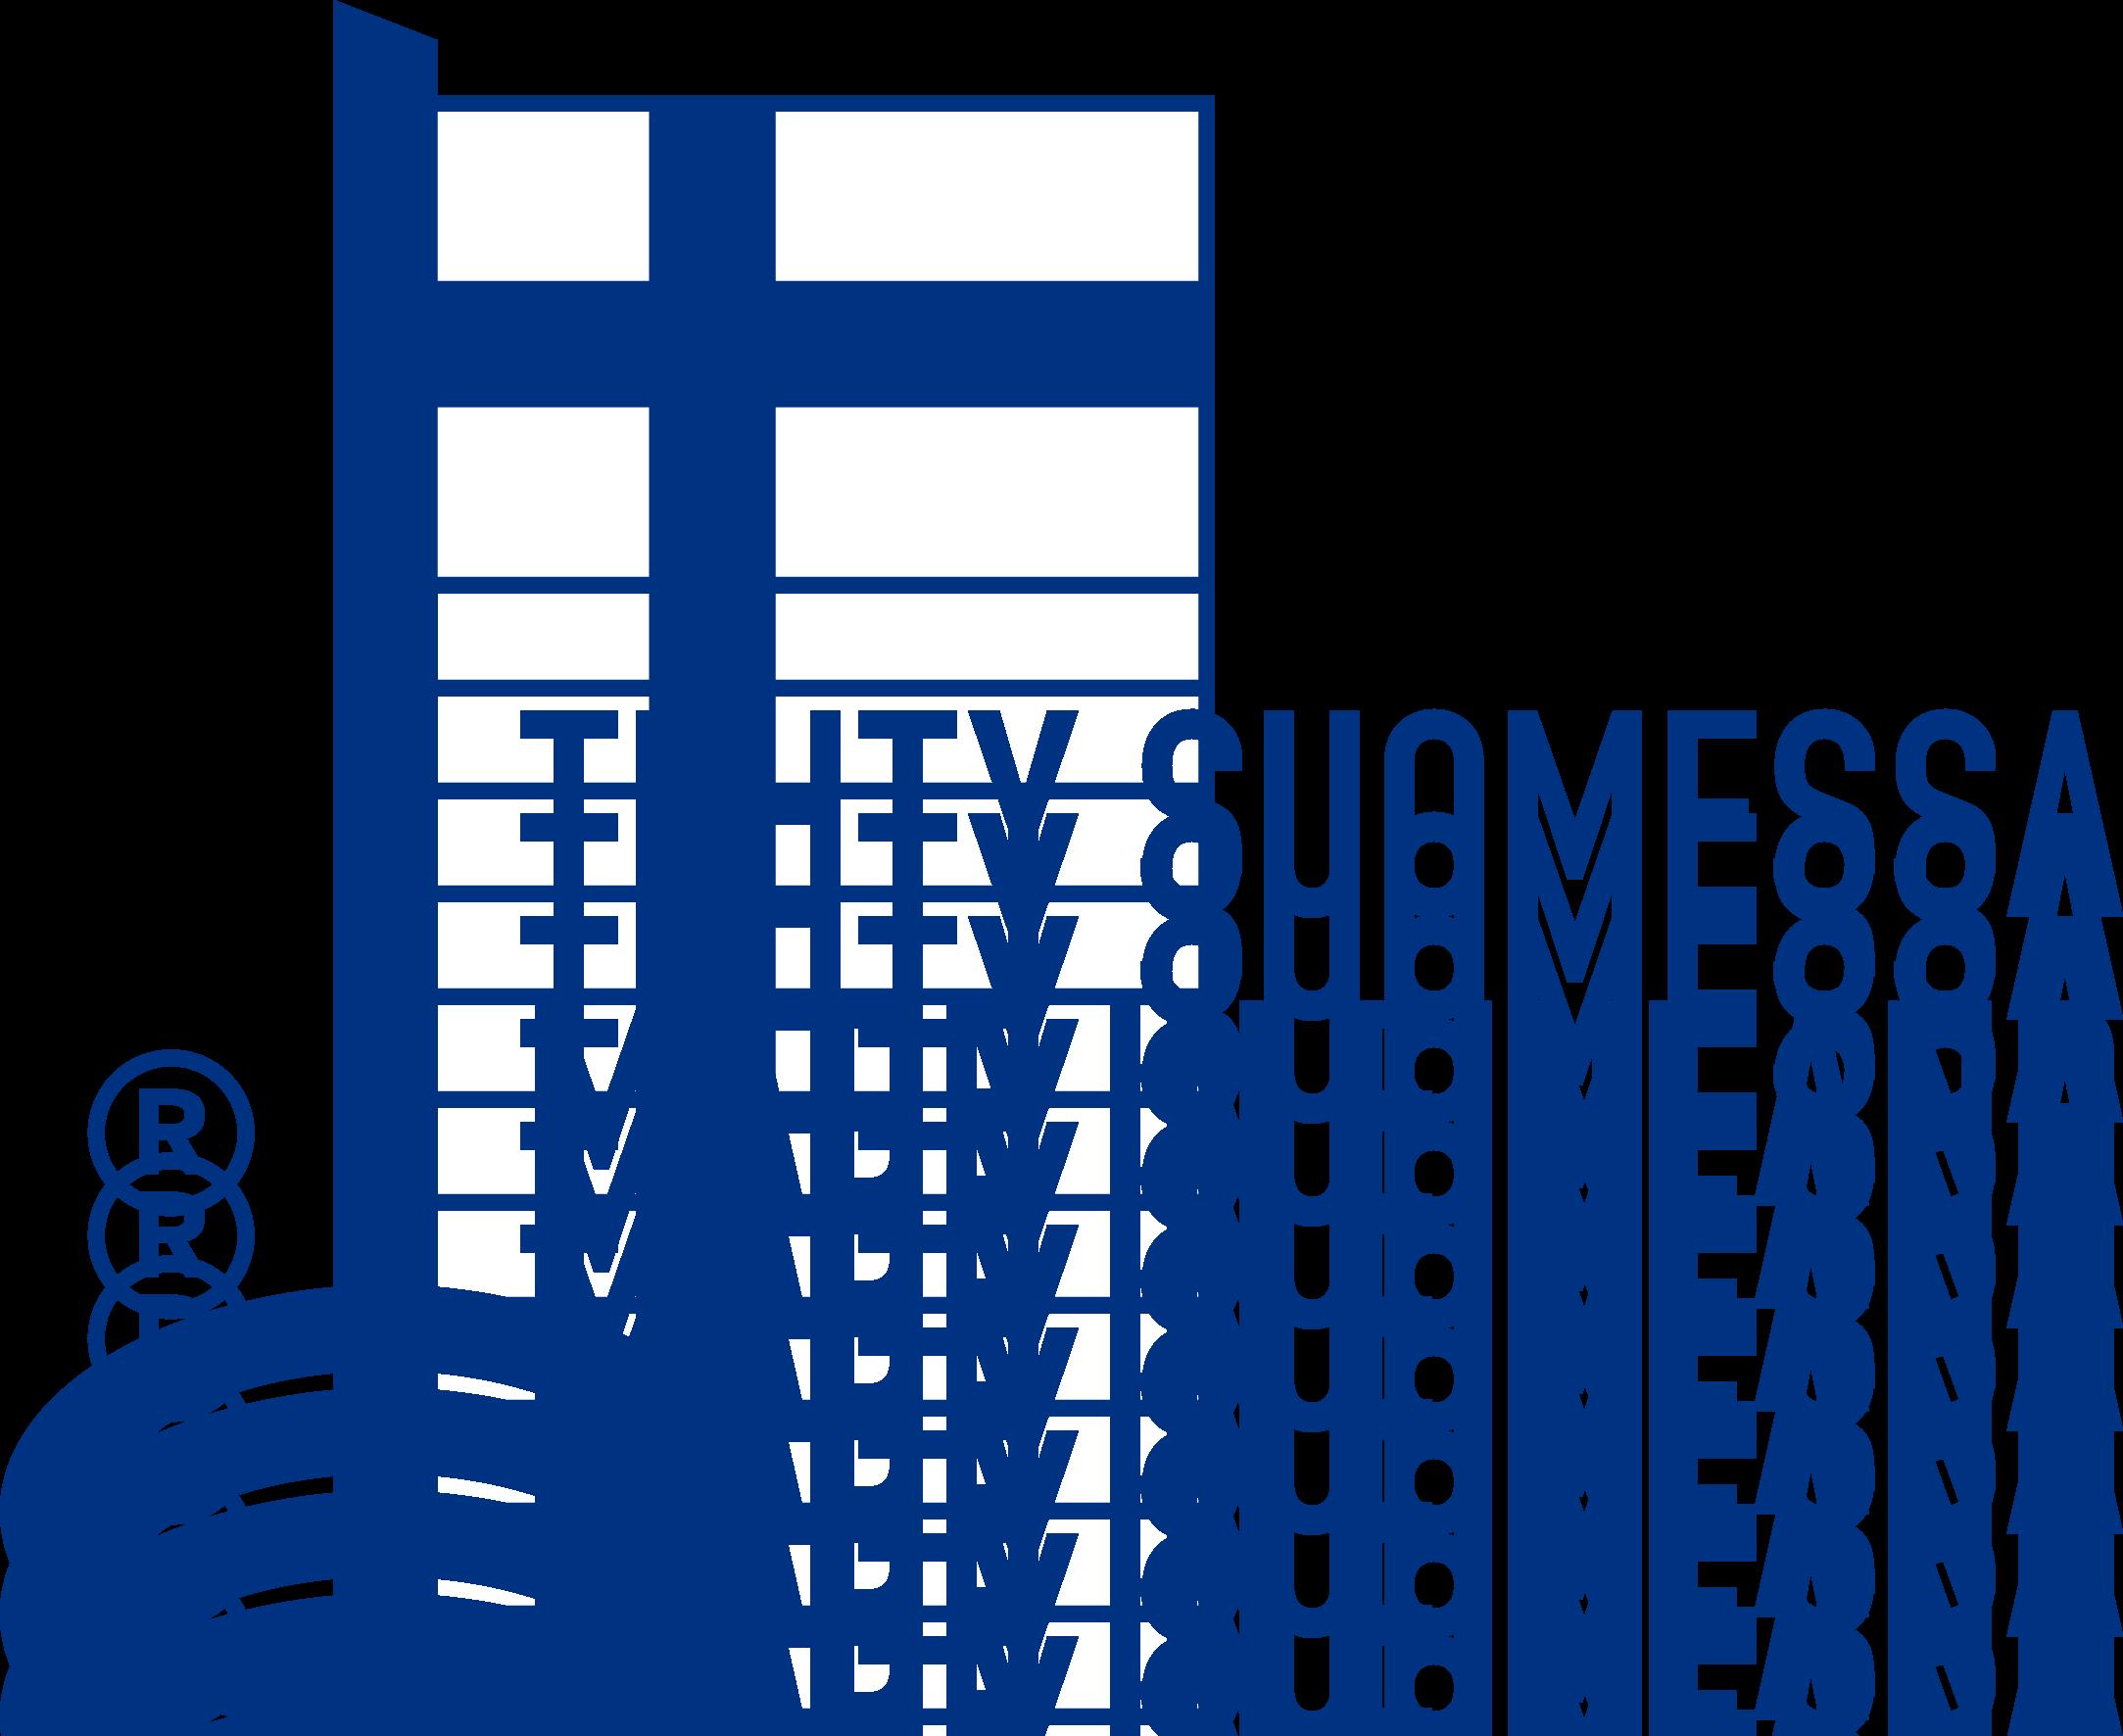 Avainlippu logo tehty Suomessa